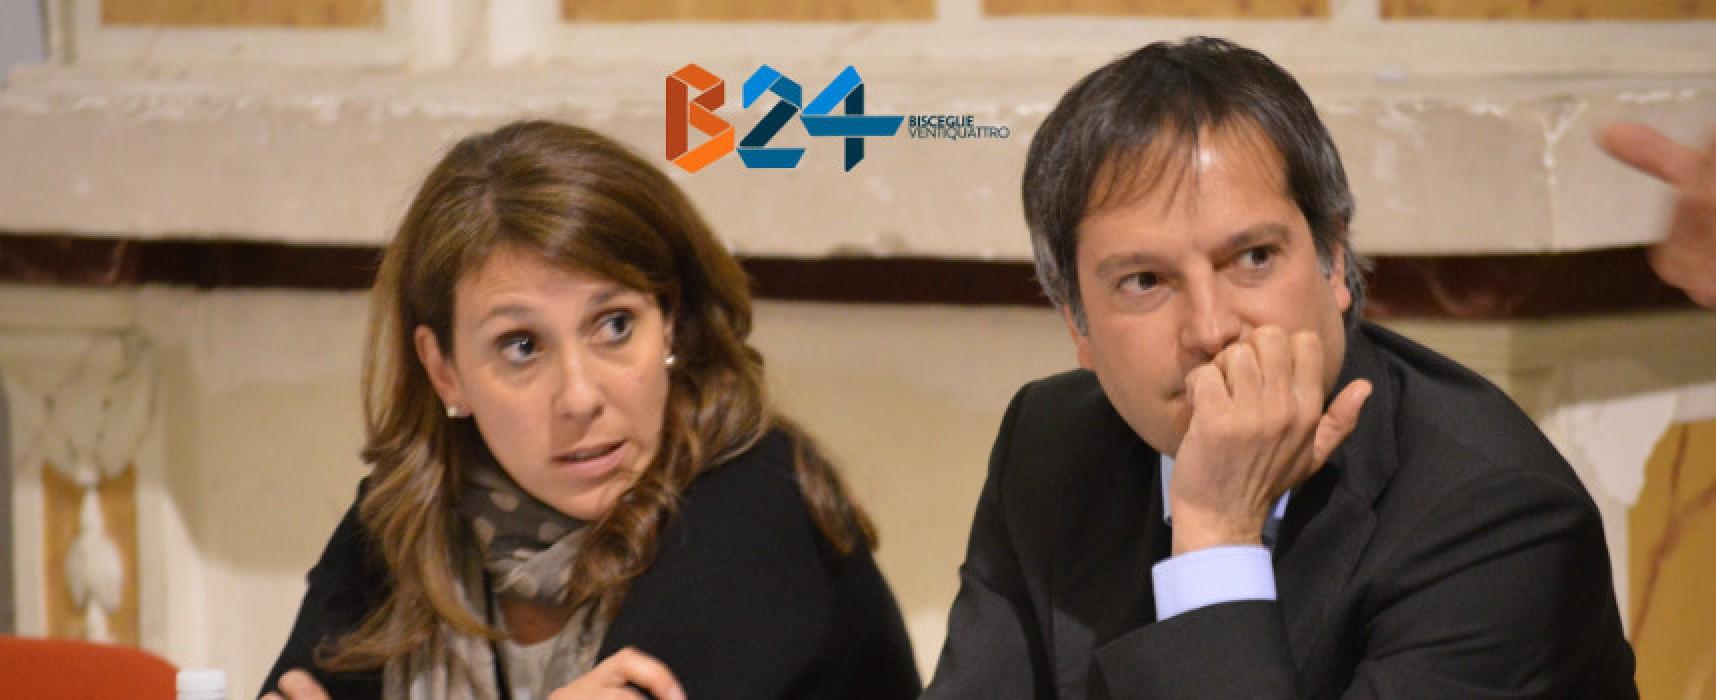 Spina chiede le dimissioni di Angarano e Rigante dal Pd, domani conferenza stampa